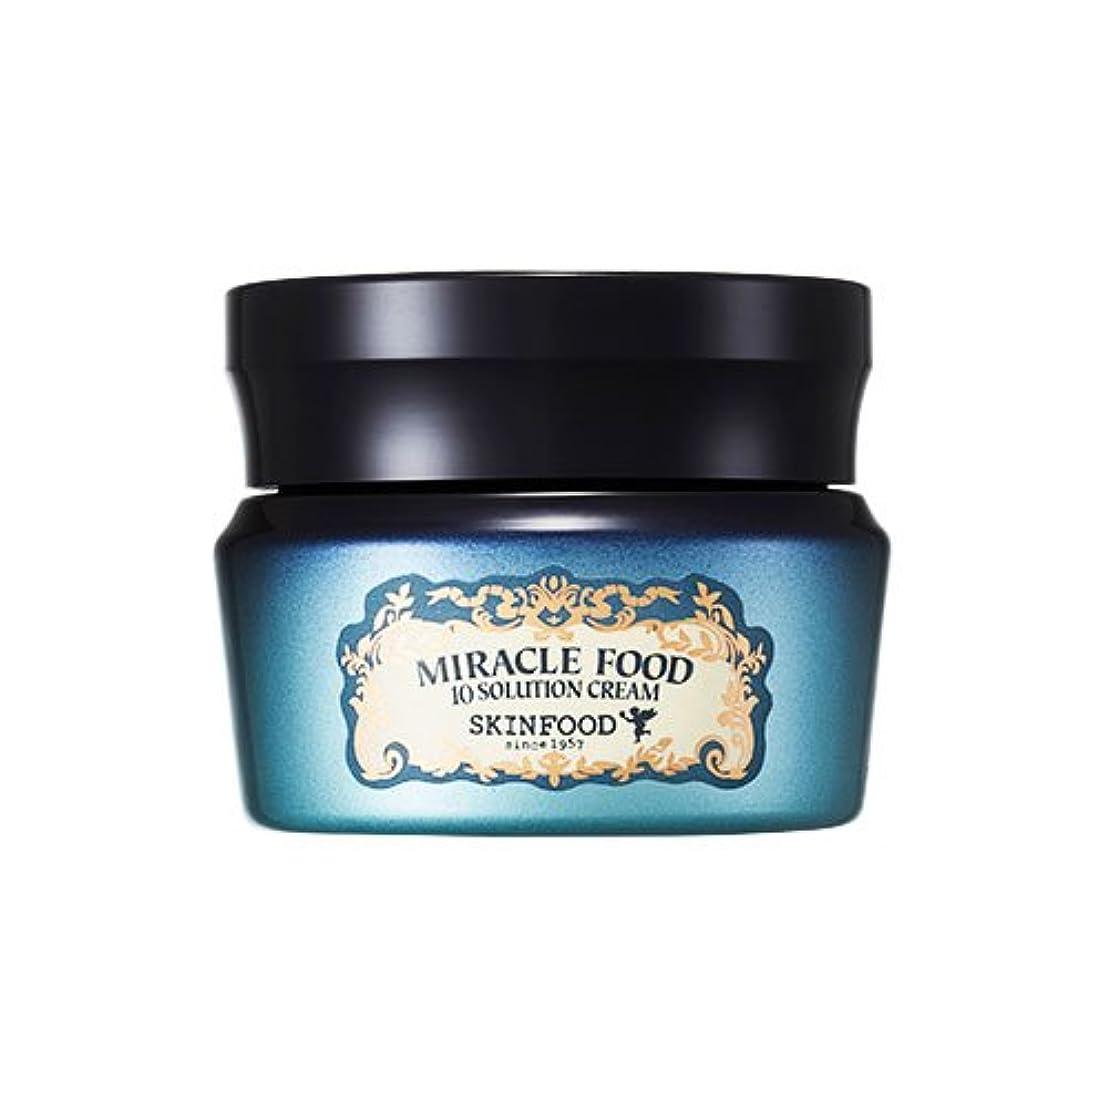 論理的スティック結婚式Skinfood ミラクルフード10ソリューションクリーム(美白効果としわ防止効果) / Miracle Food 10 Solution Cream (Skin-Brightening and Anti-Wrinkle...